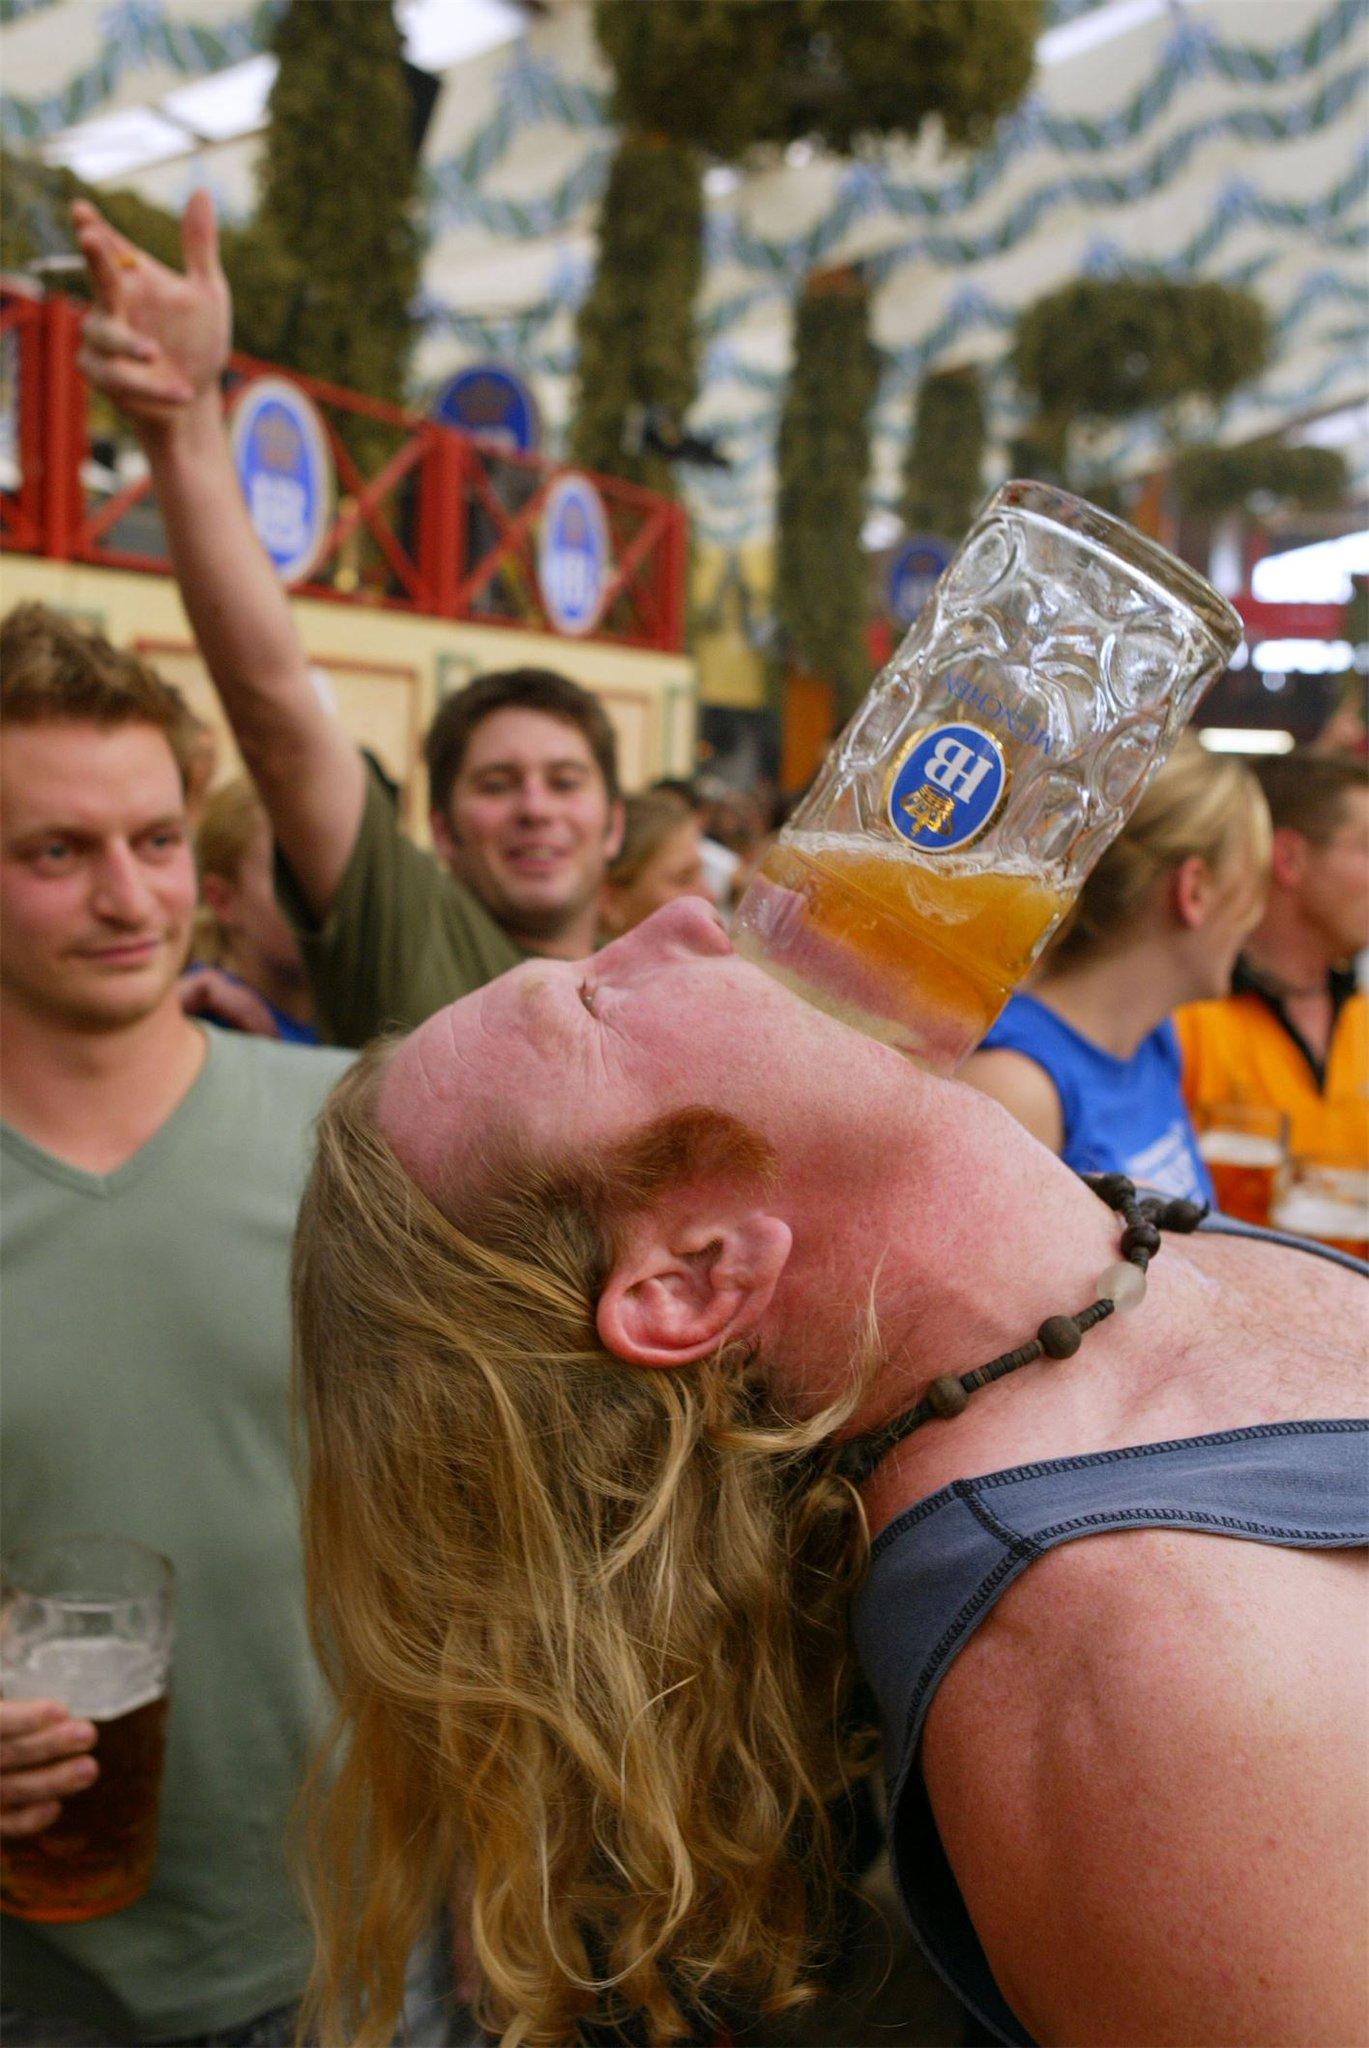 смешные картинки и фото с пивом есть полномочия